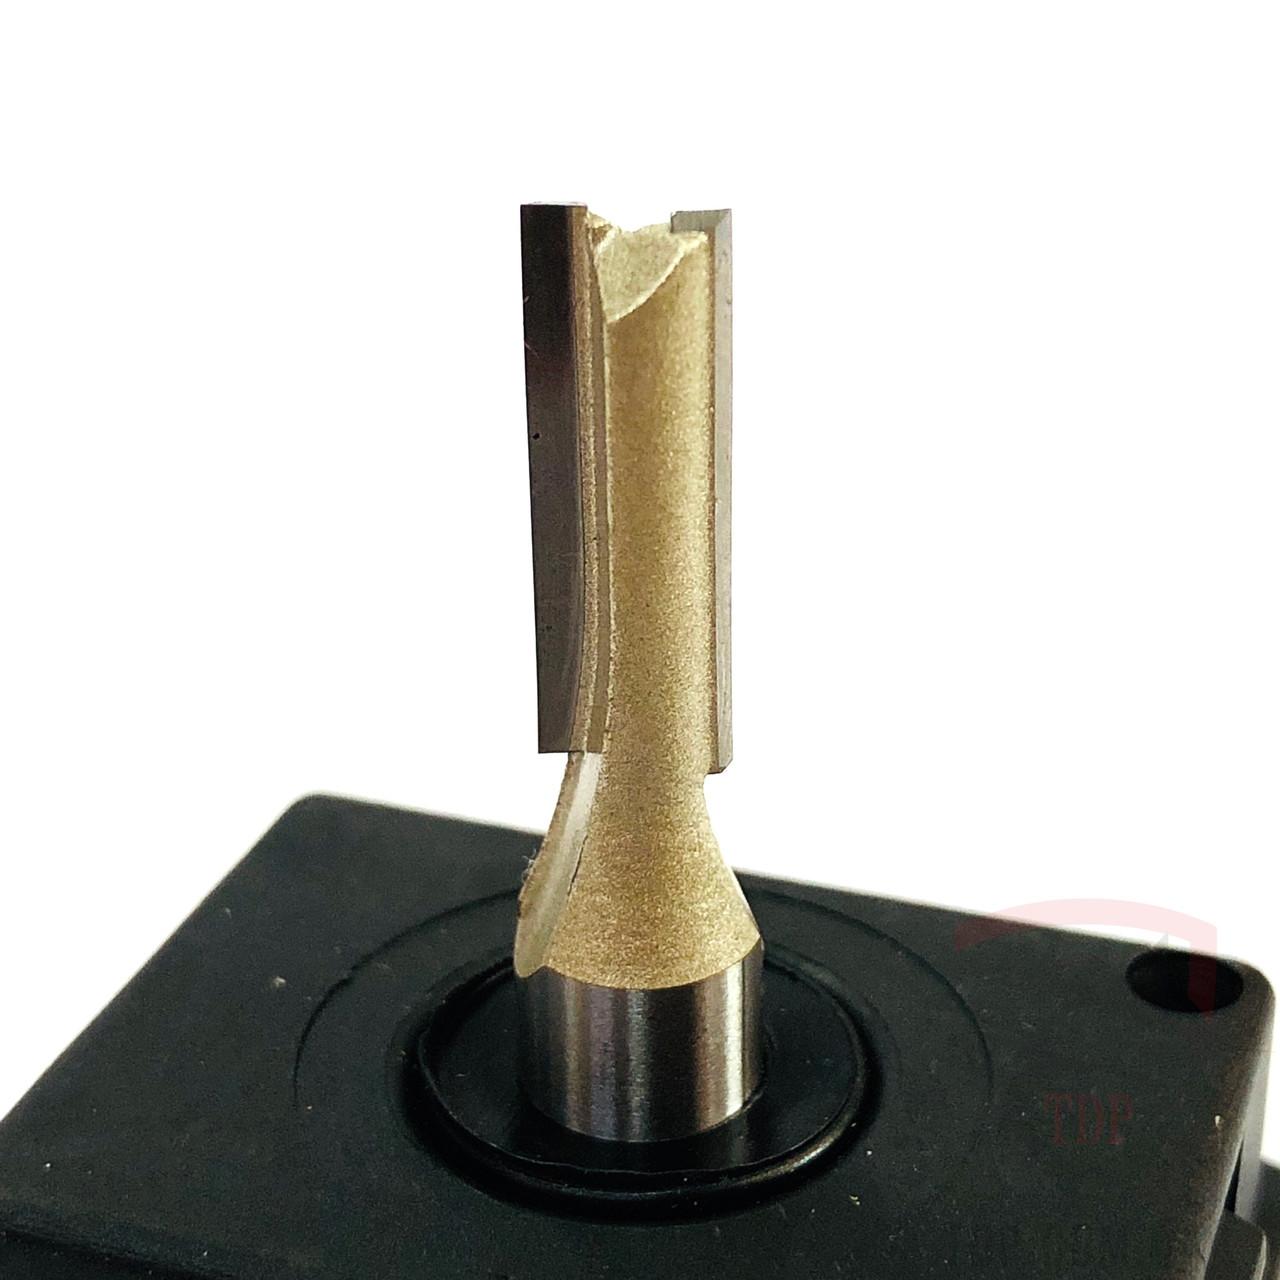 Фреза прямая пазовая Глобус D=6,l=18,d=6mm арт.1003 D6 d6